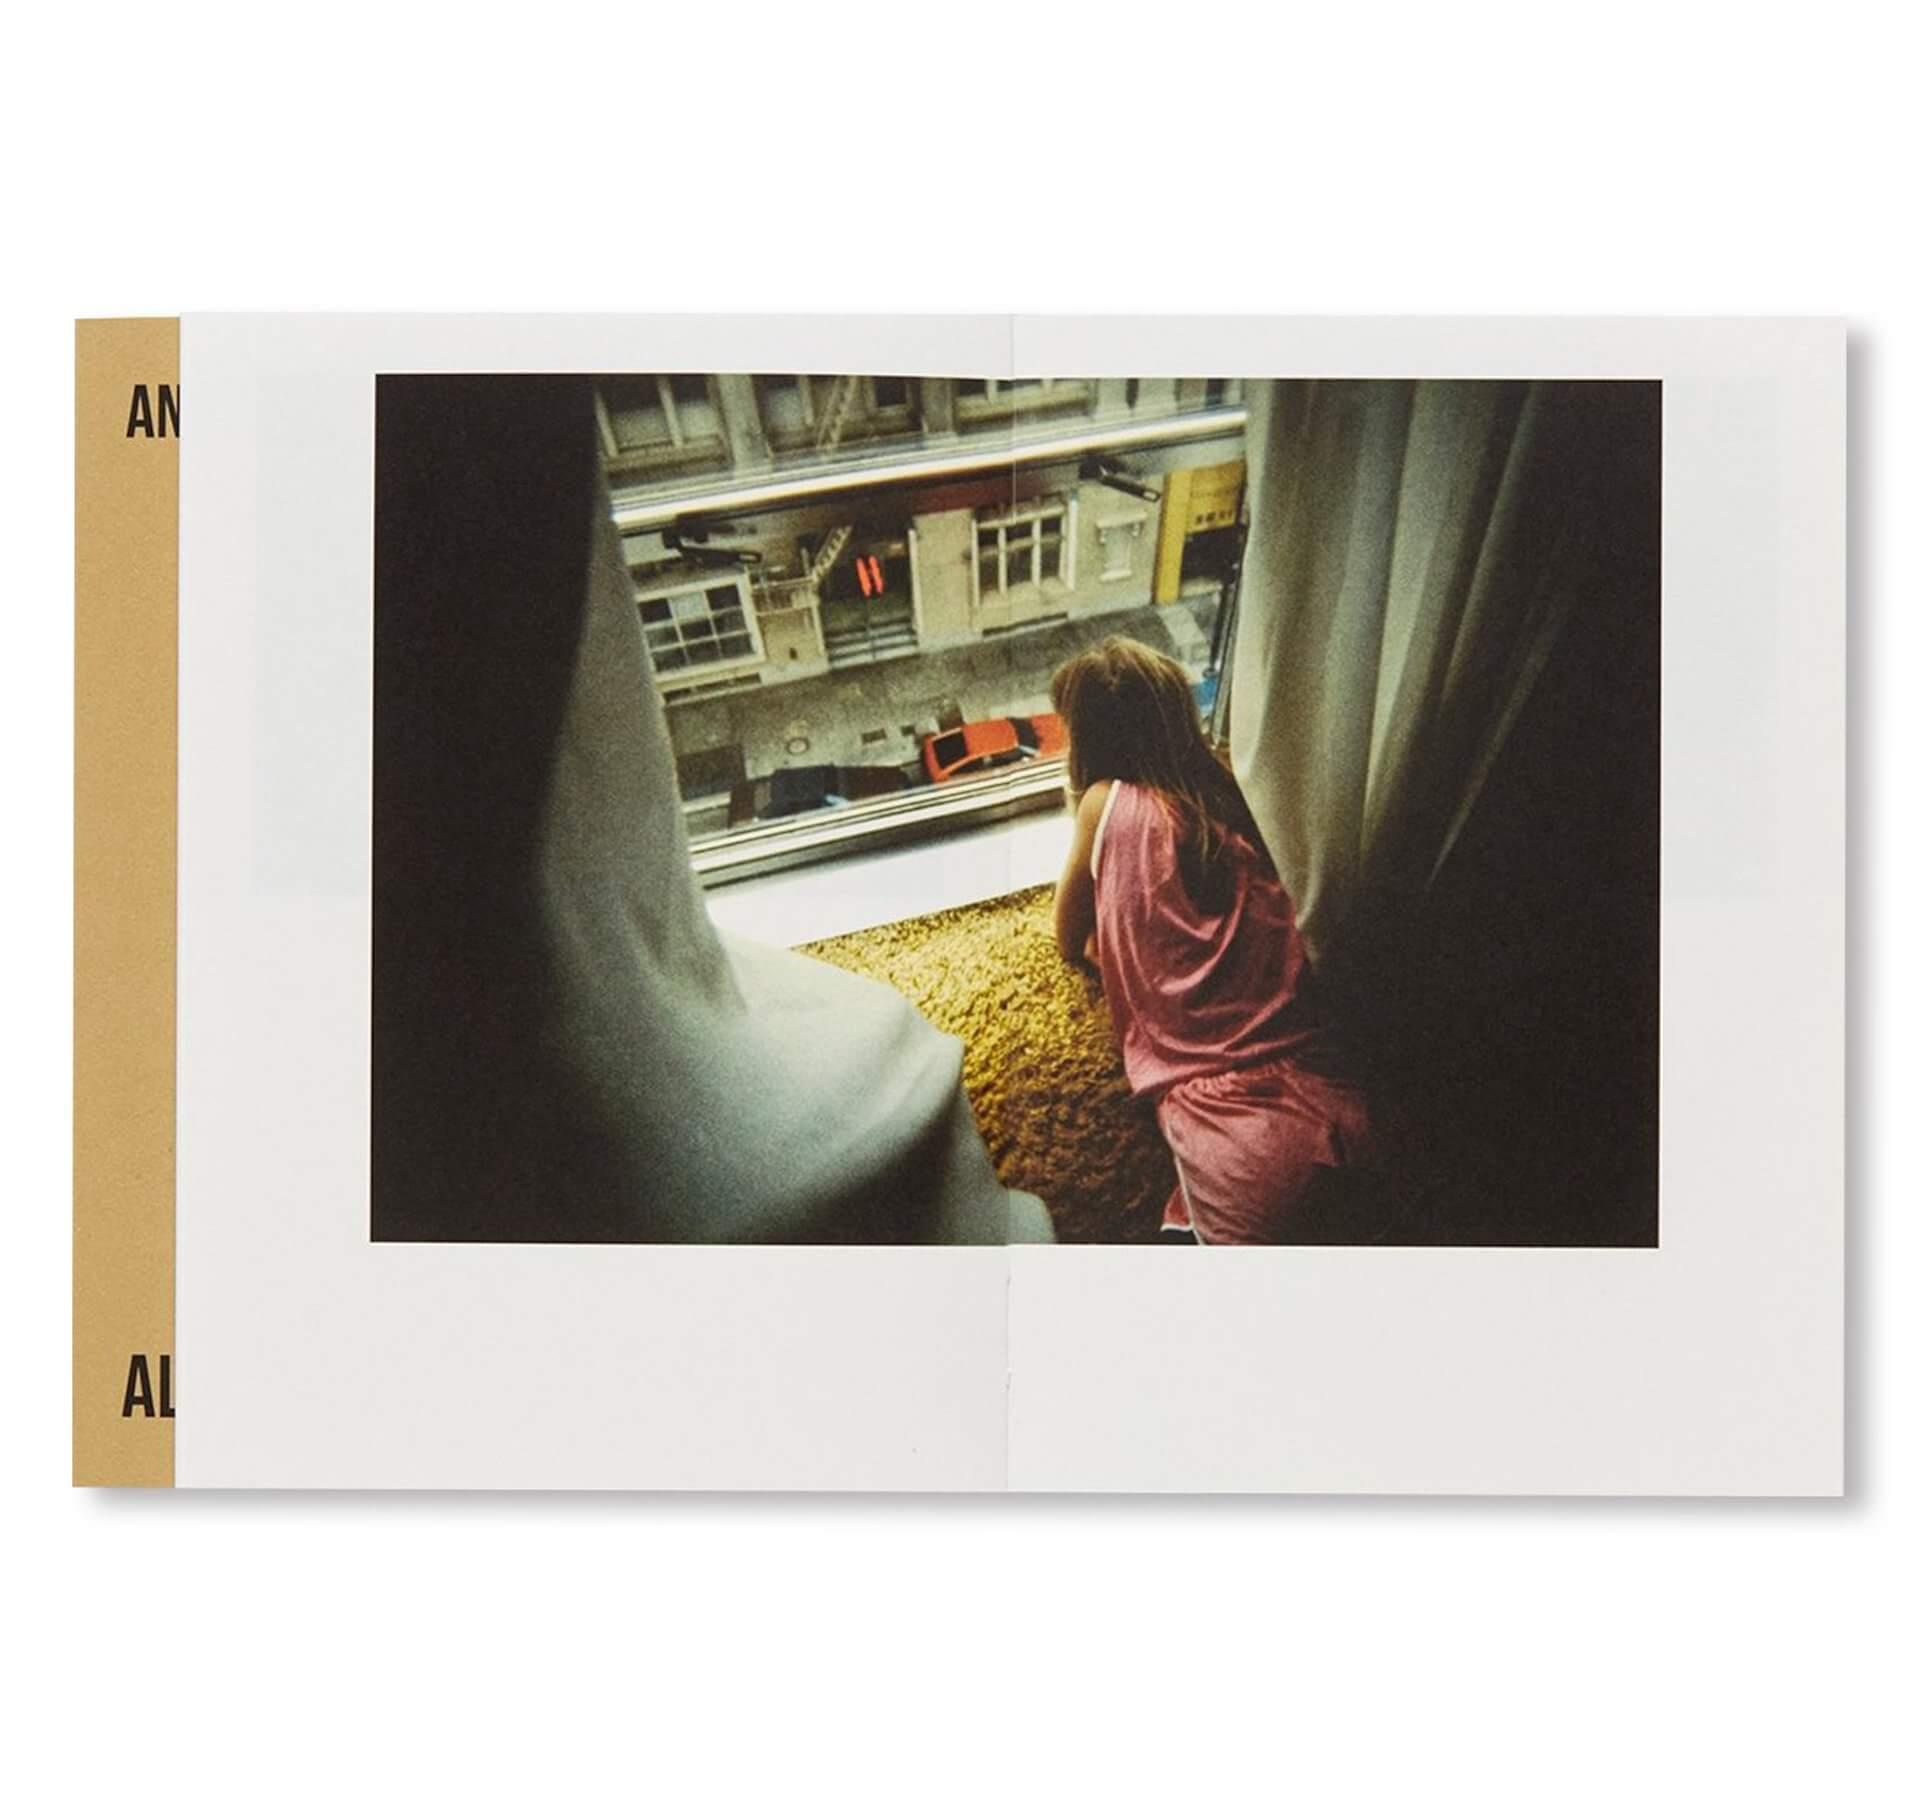 アートブックノススメ|Qetic編集部が選ぶ4冊/Alberto di Lenardo, Carlotta di Lenardo他 column210521_artbook-04